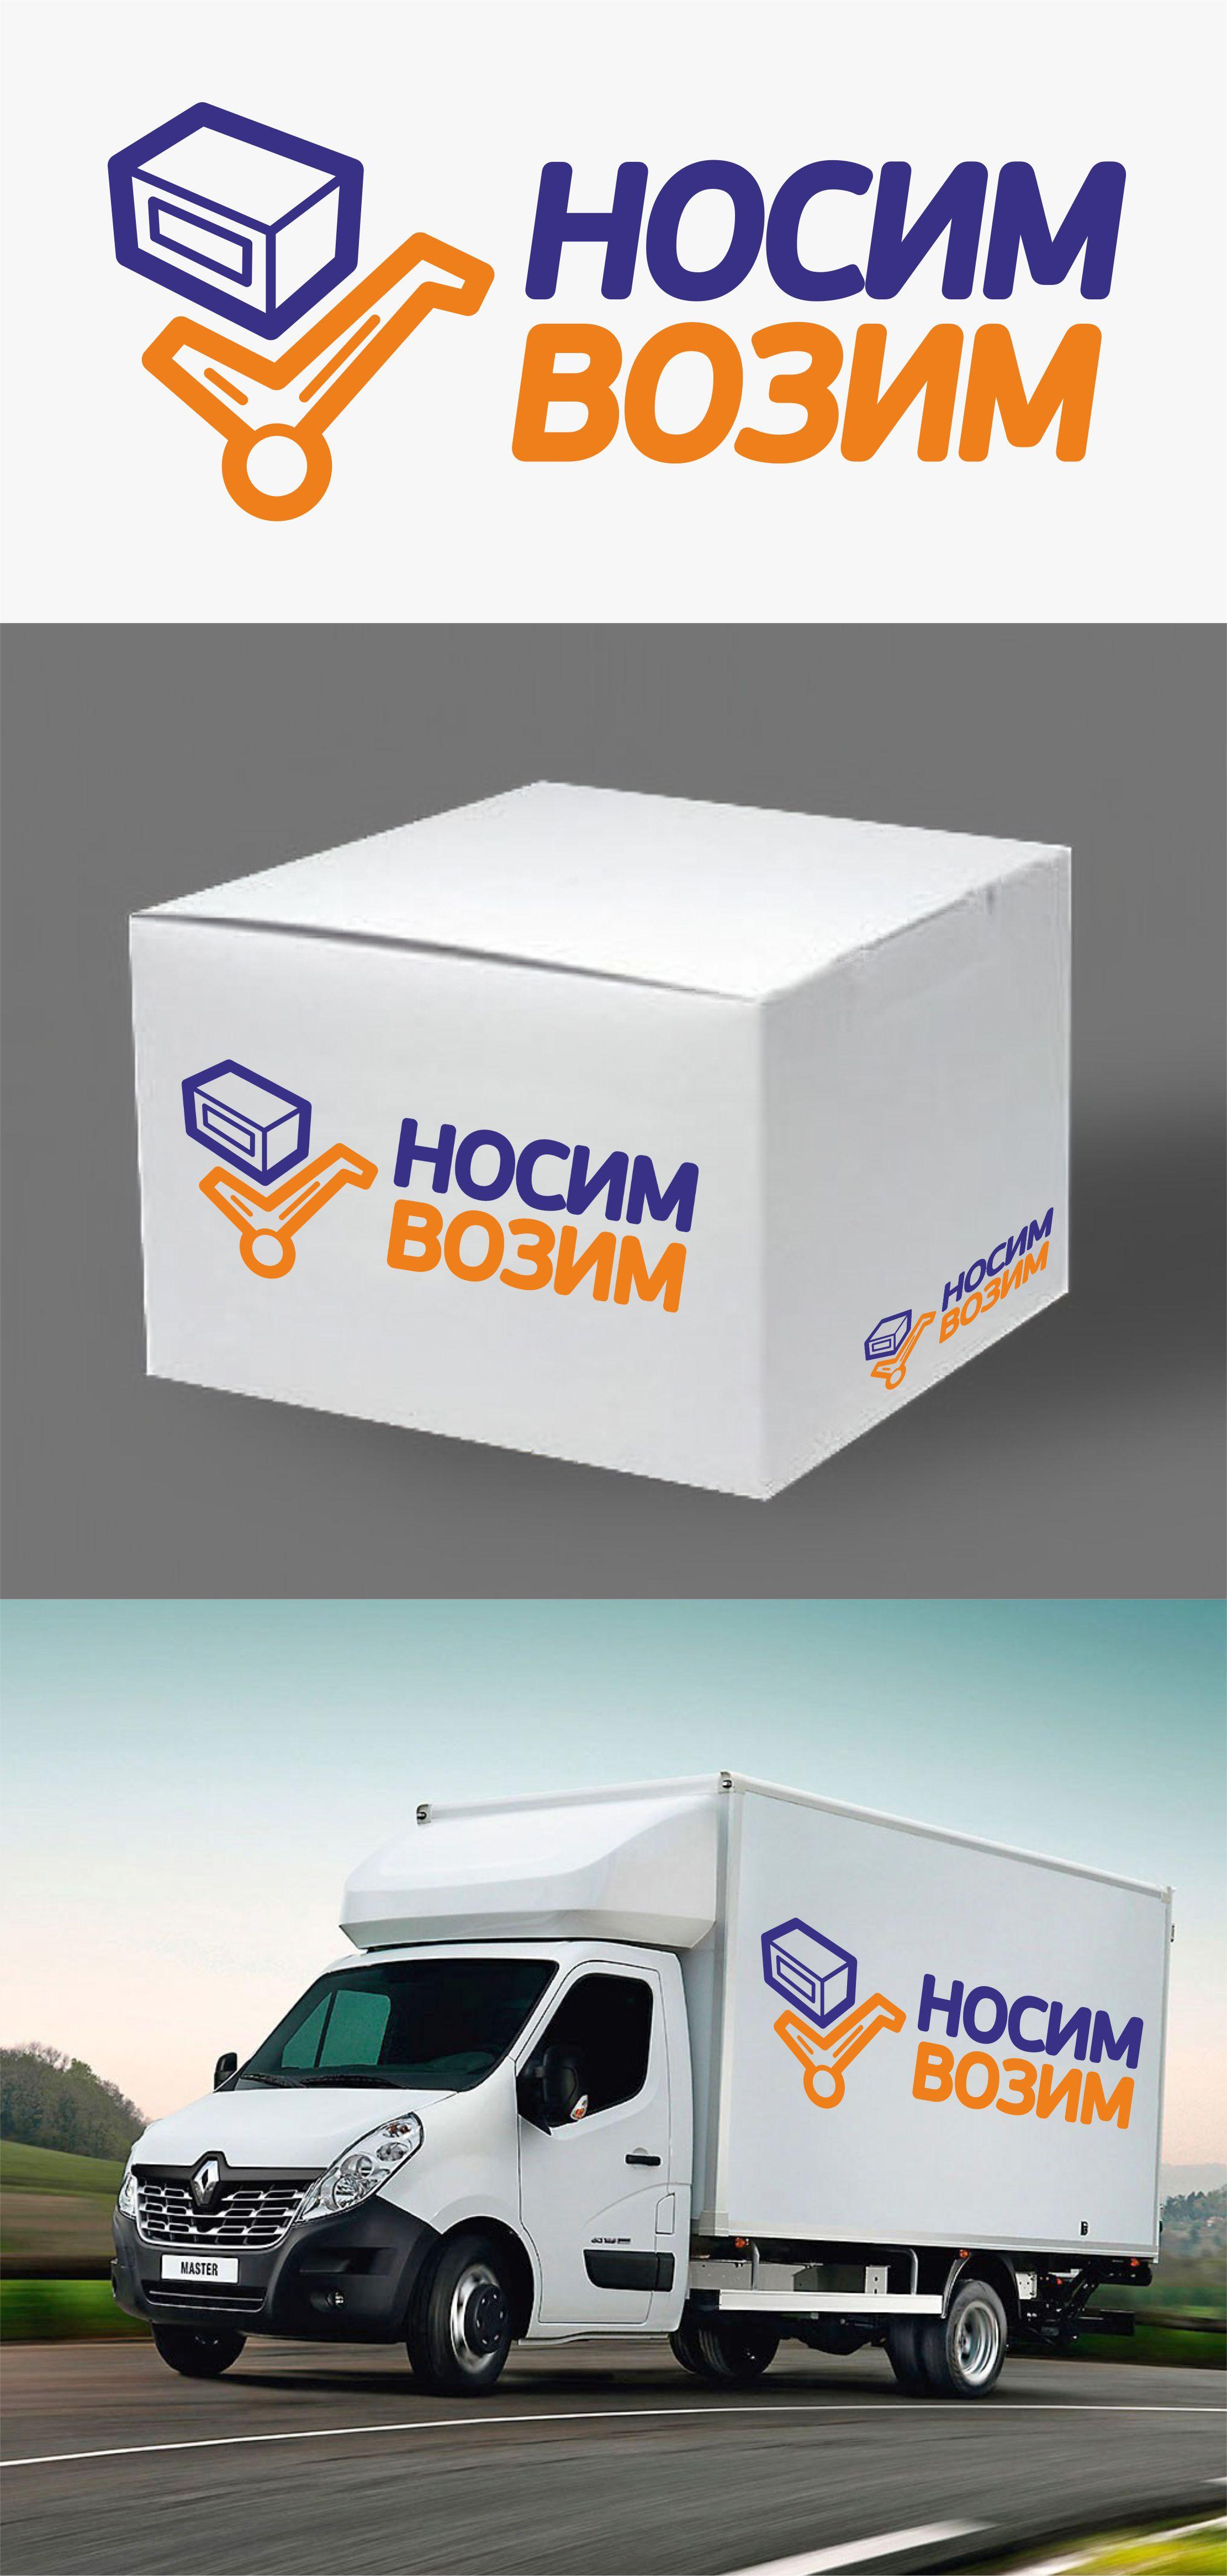 Логотип компании по перевозкам НосимВозим фото f_8695cf89f7e8664a.jpg